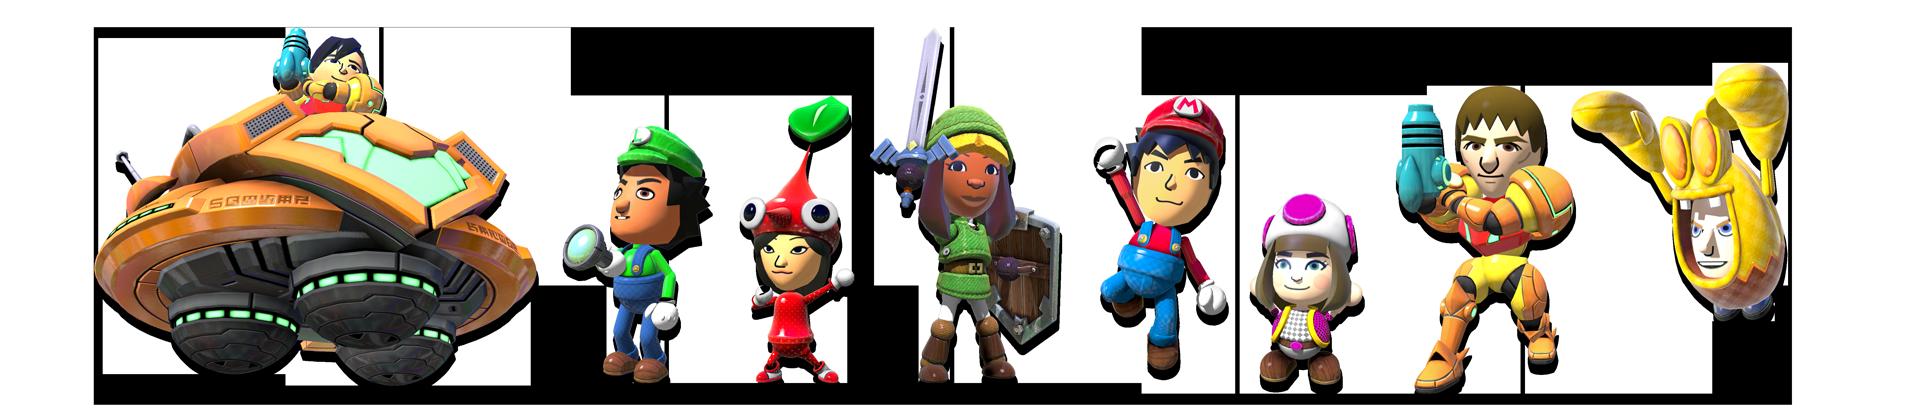 Nintendo-land-characters